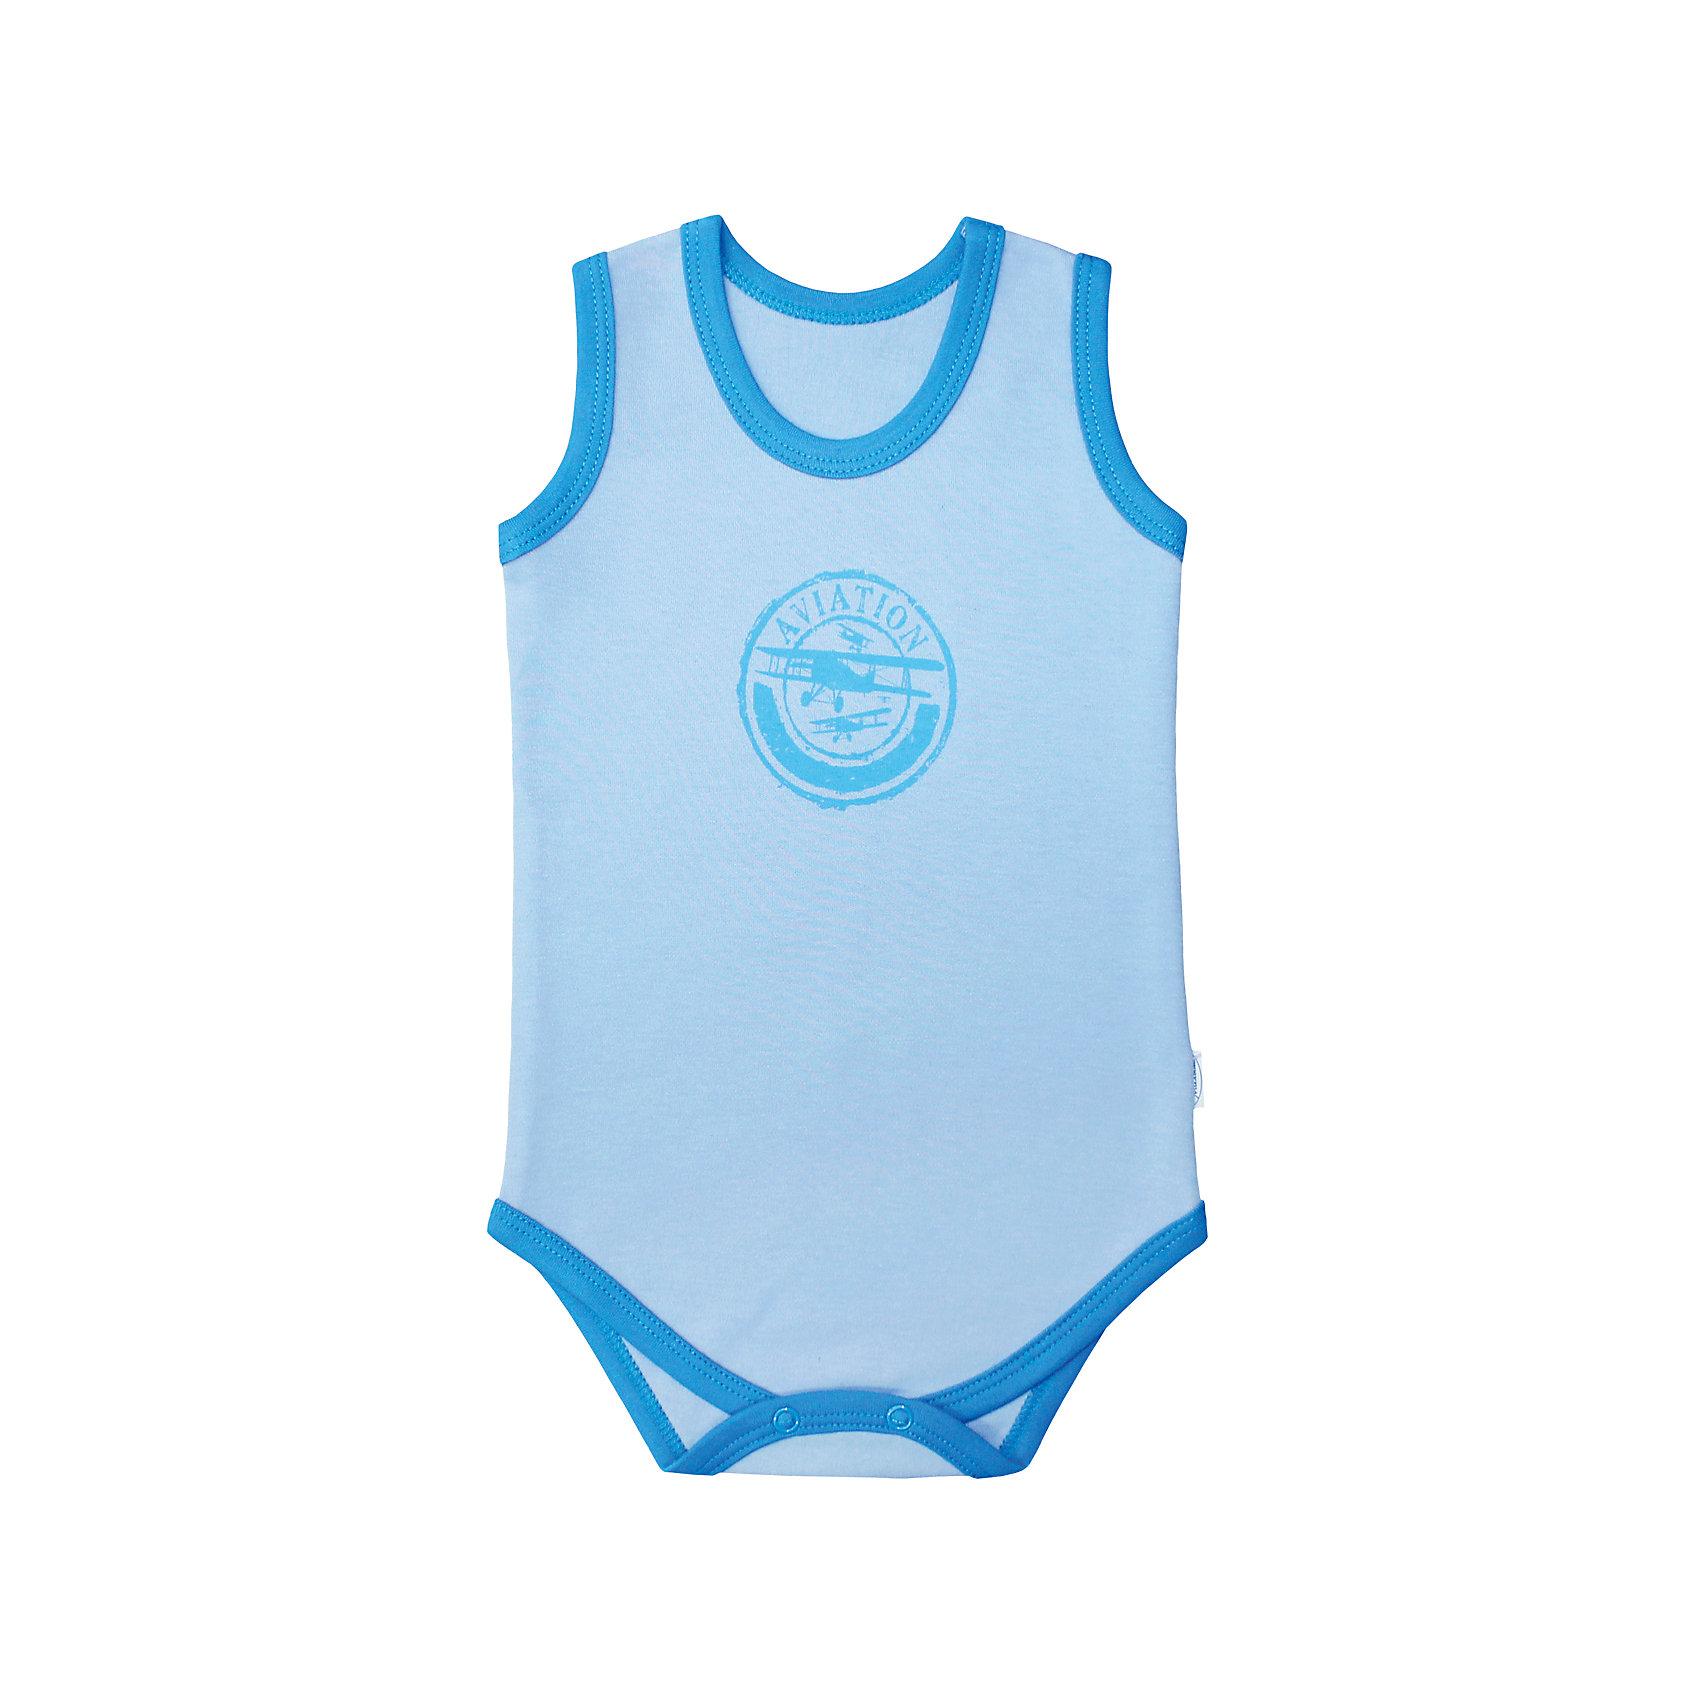 Боди-майка Веселый малыш для мальчикаБоди<br>Боди-майка Веселый малыш для мальчика<br>Боди-майка Авиатор из качественного натурального полотна (интерлок пенье).<br>Состав:<br>100%хлопок<br><br>Ширина мм: 157<br>Глубина мм: 13<br>Высота мм: 119<br>Вес г: 200<br>Цвет: голубой<br>Возраст от месяцев: 12<br>Возраст до месяцев: 15<br>Пол: Мужской<br>Возраст: Детский<br>Размер: 80<br>SKU: 7053337